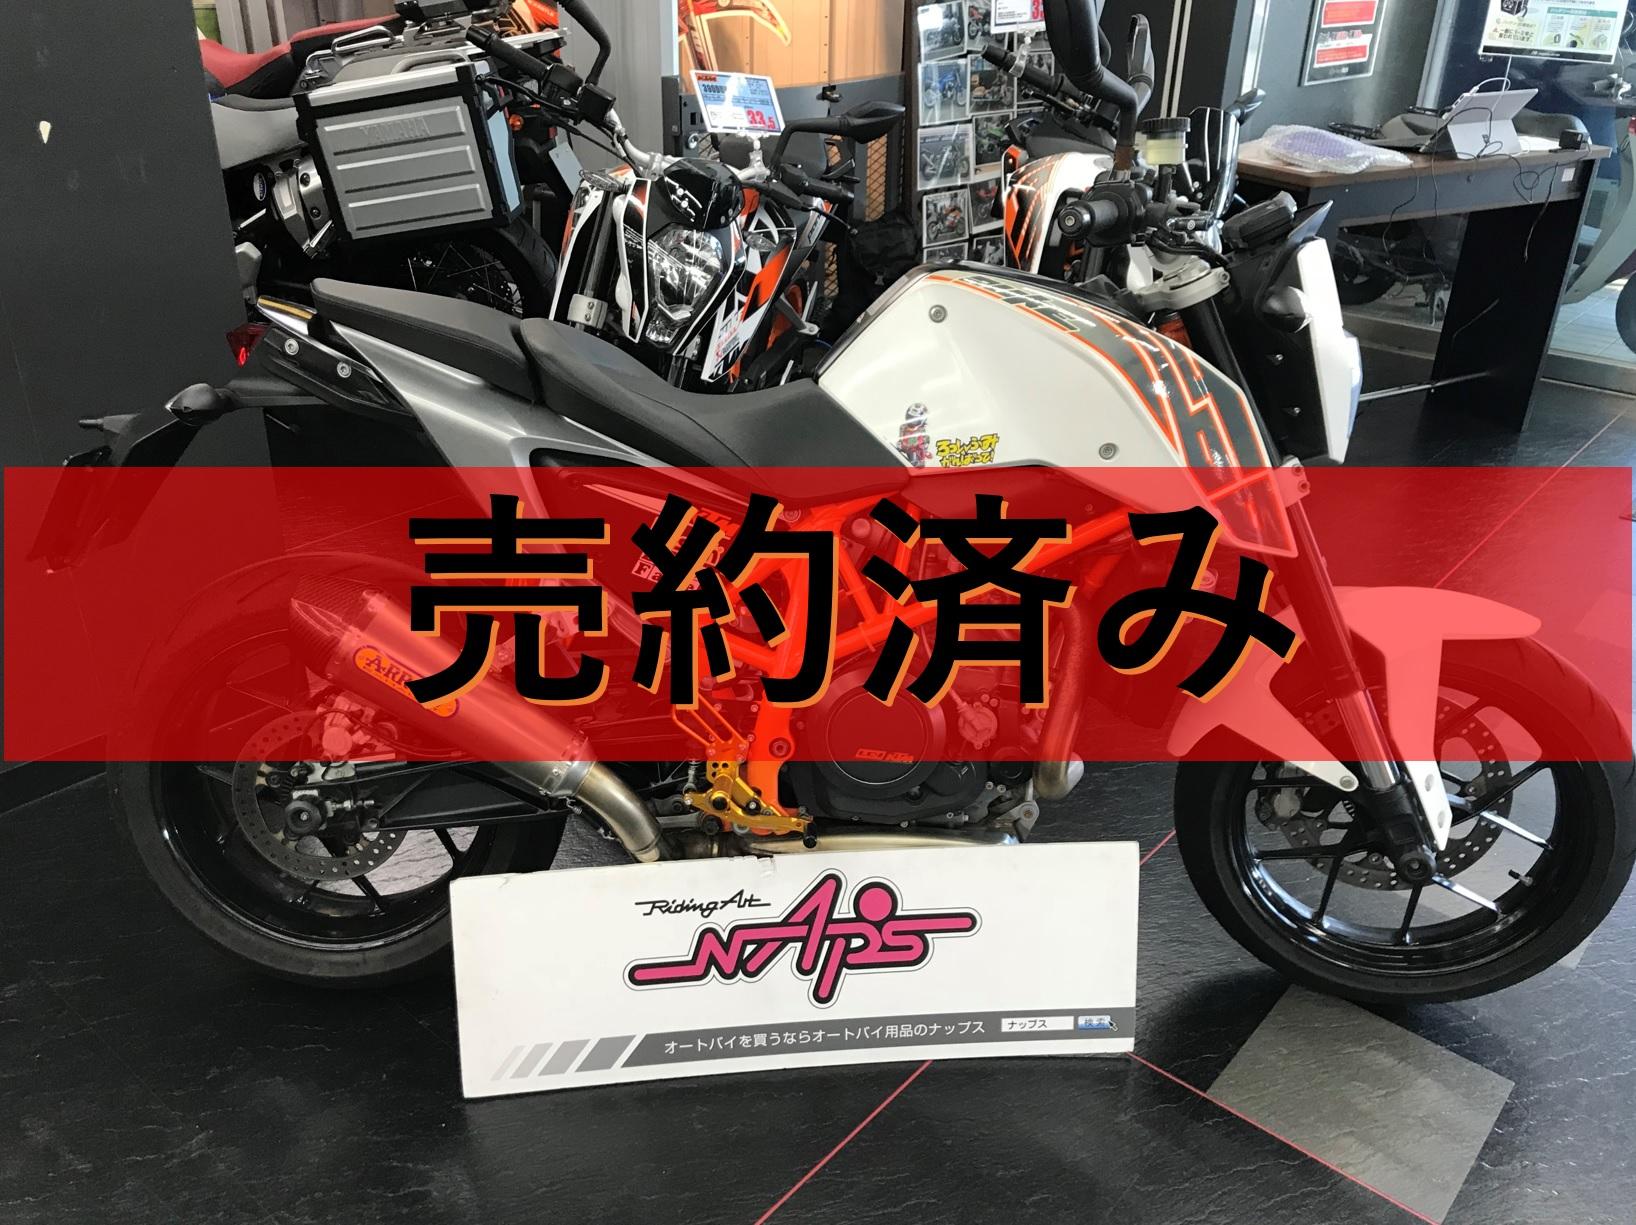 【販売車両】690 DUKE バックステップ/スライダー付き